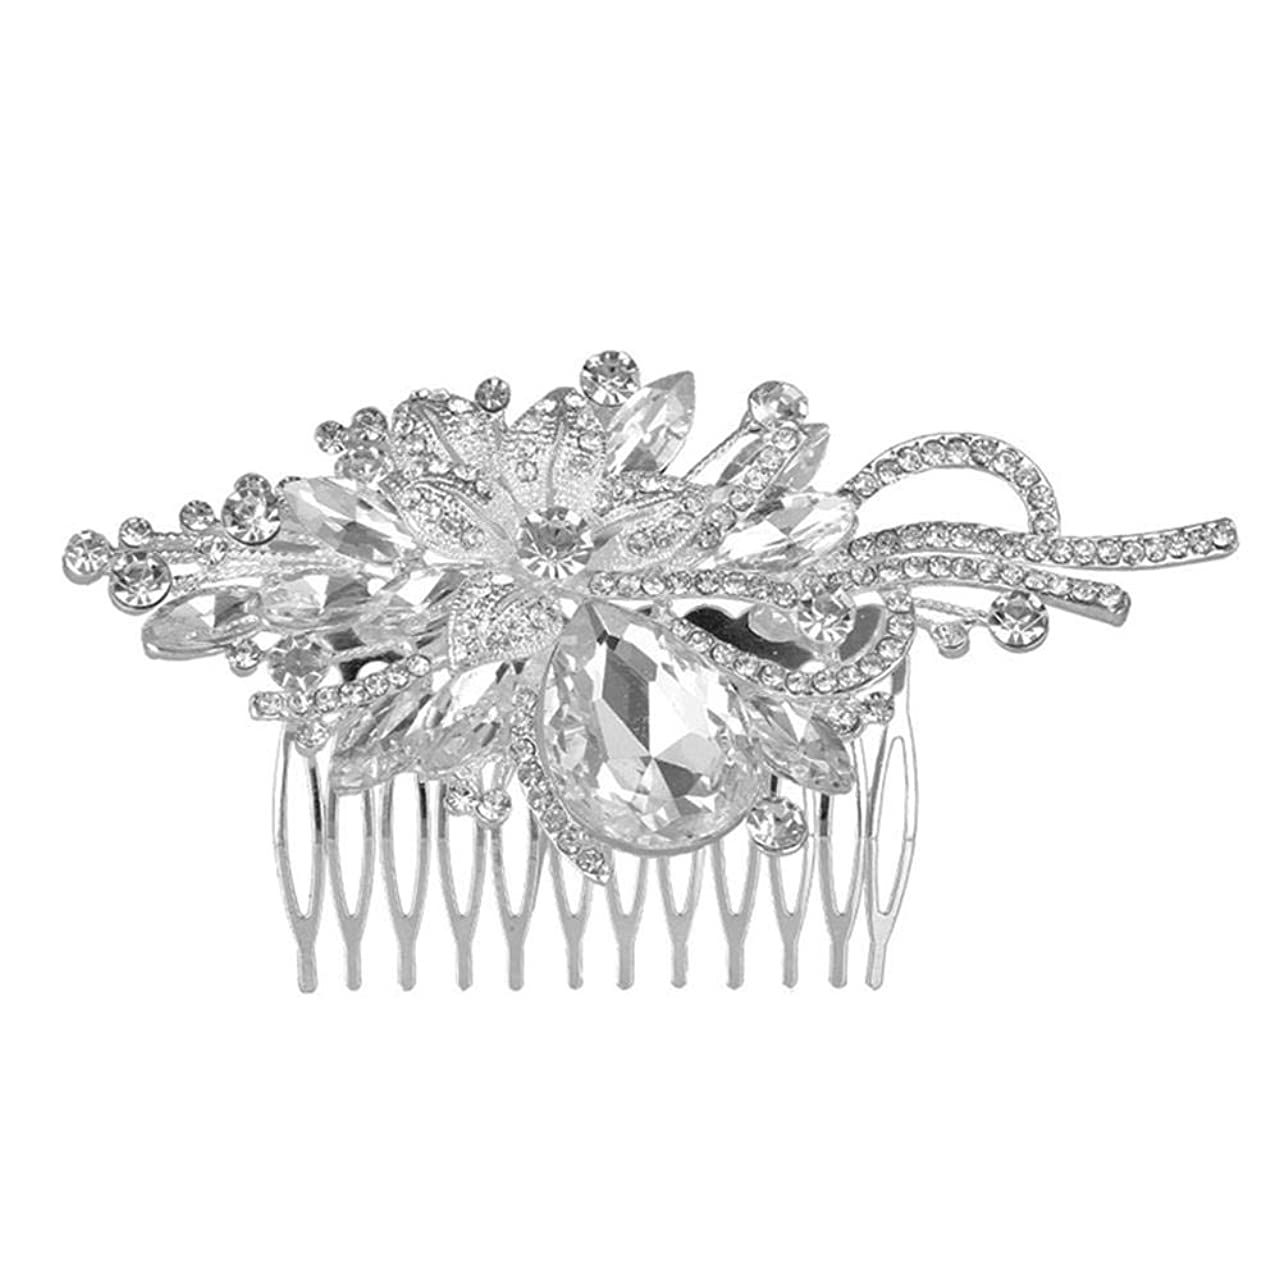 第標高確立髪の櫛挿入櫛花嫁の髪櫛クラウン髪の櫛結婚式のアクセサリー葉の髪の櫛ラインストーンの髪の櫛ブライダルヘッドドレス